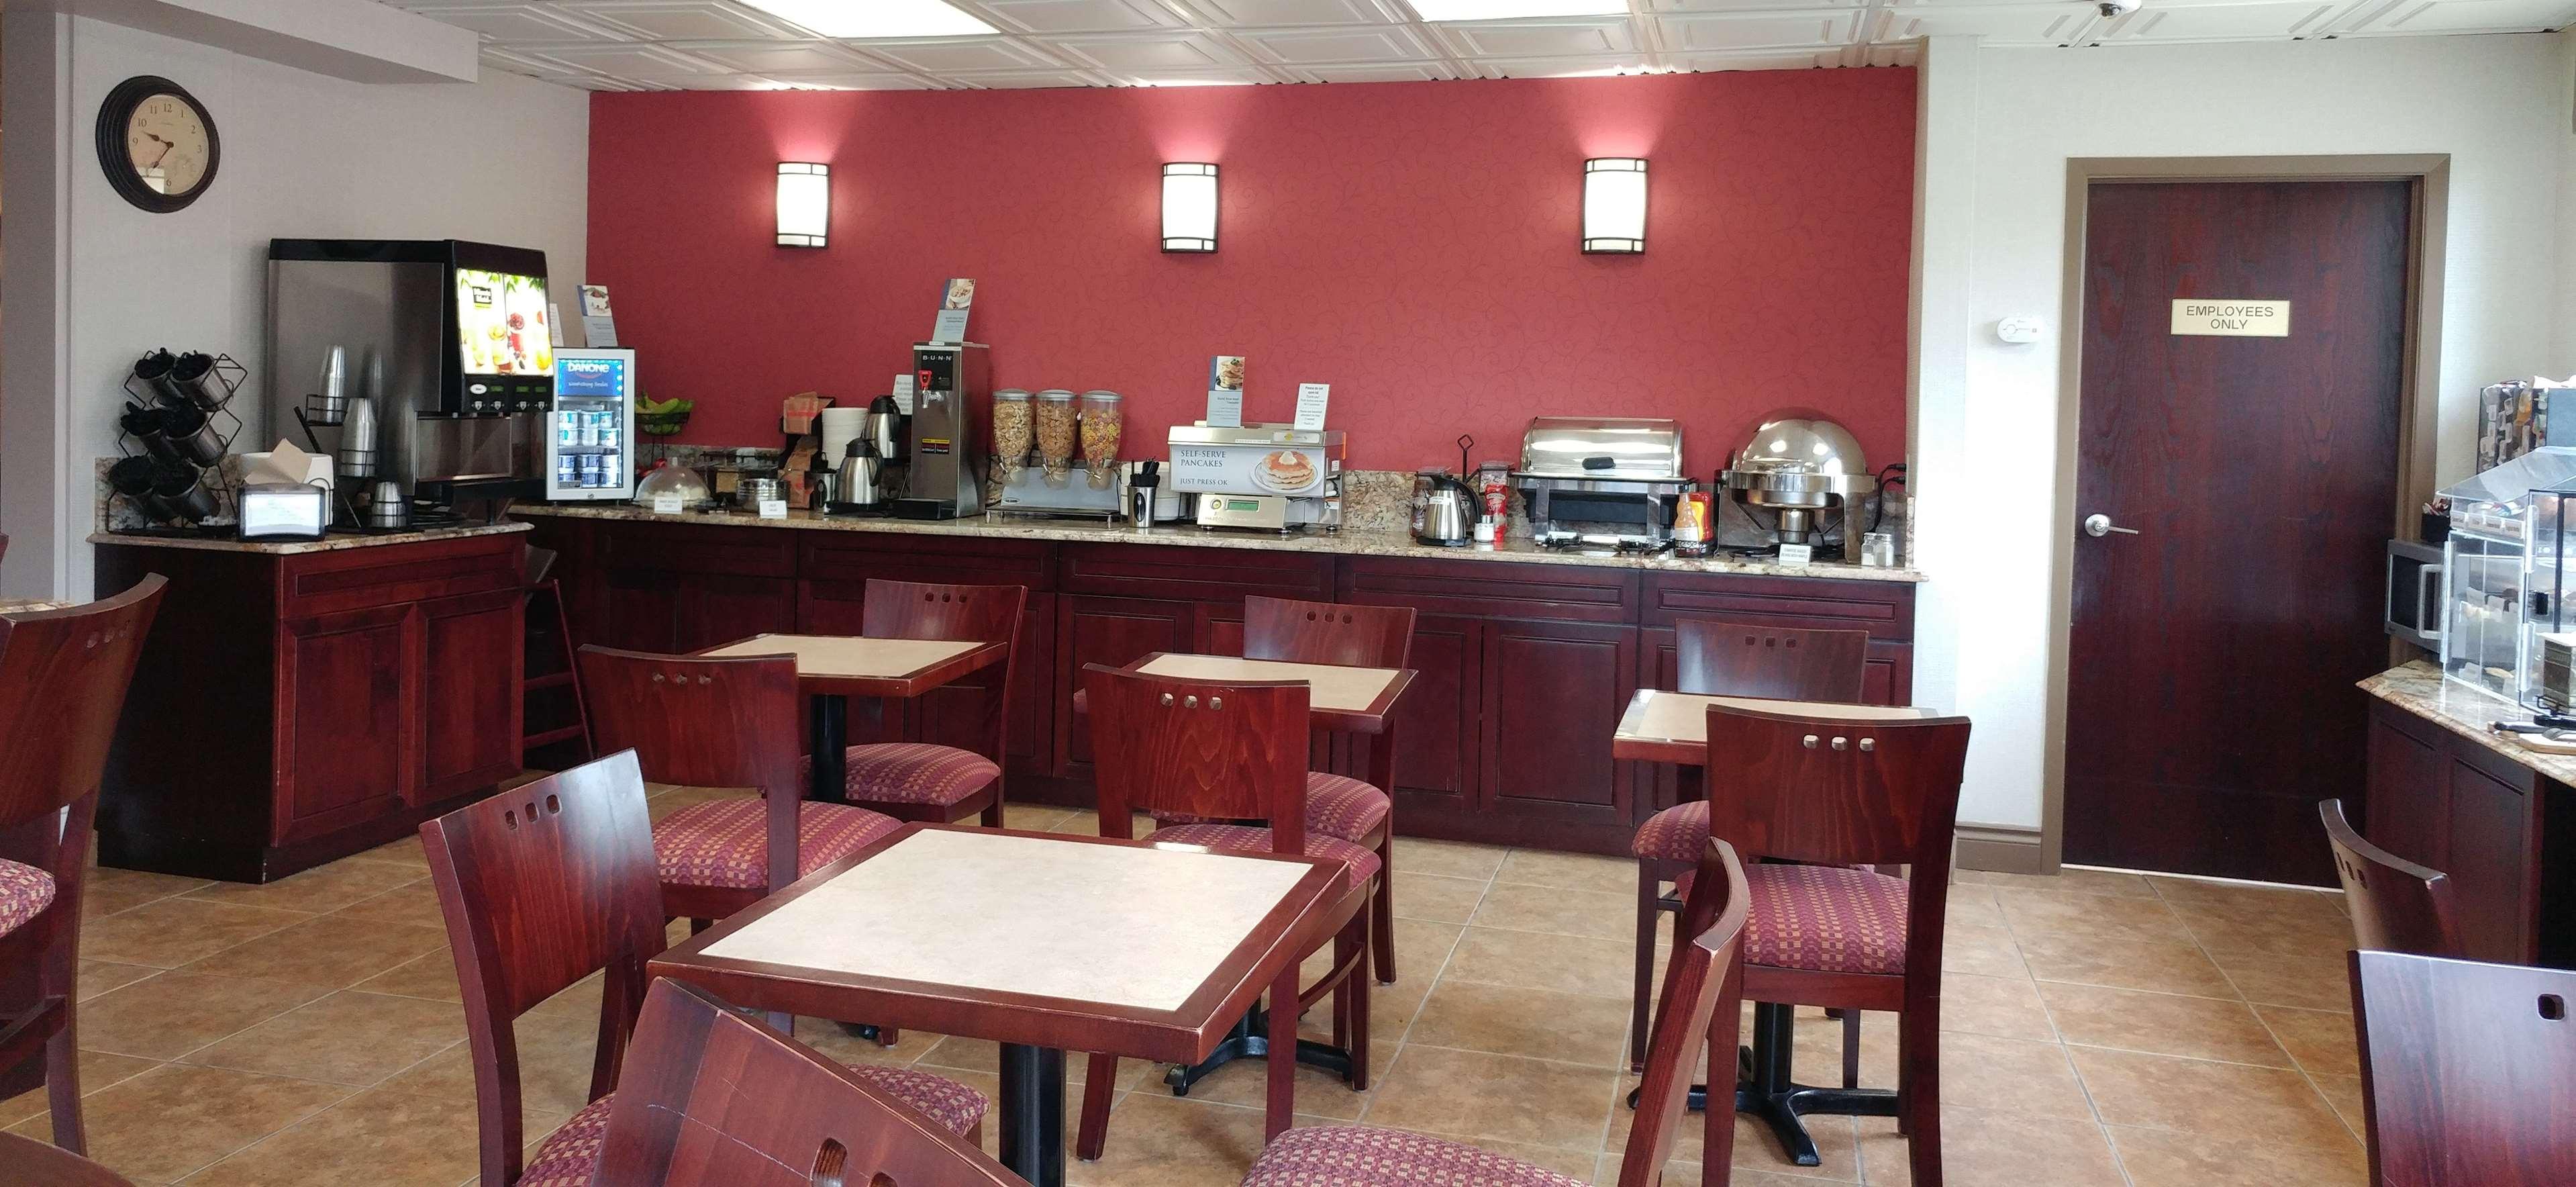 Best Western Plus Rose City Suites in Welland: Breakfast Room Seating Area